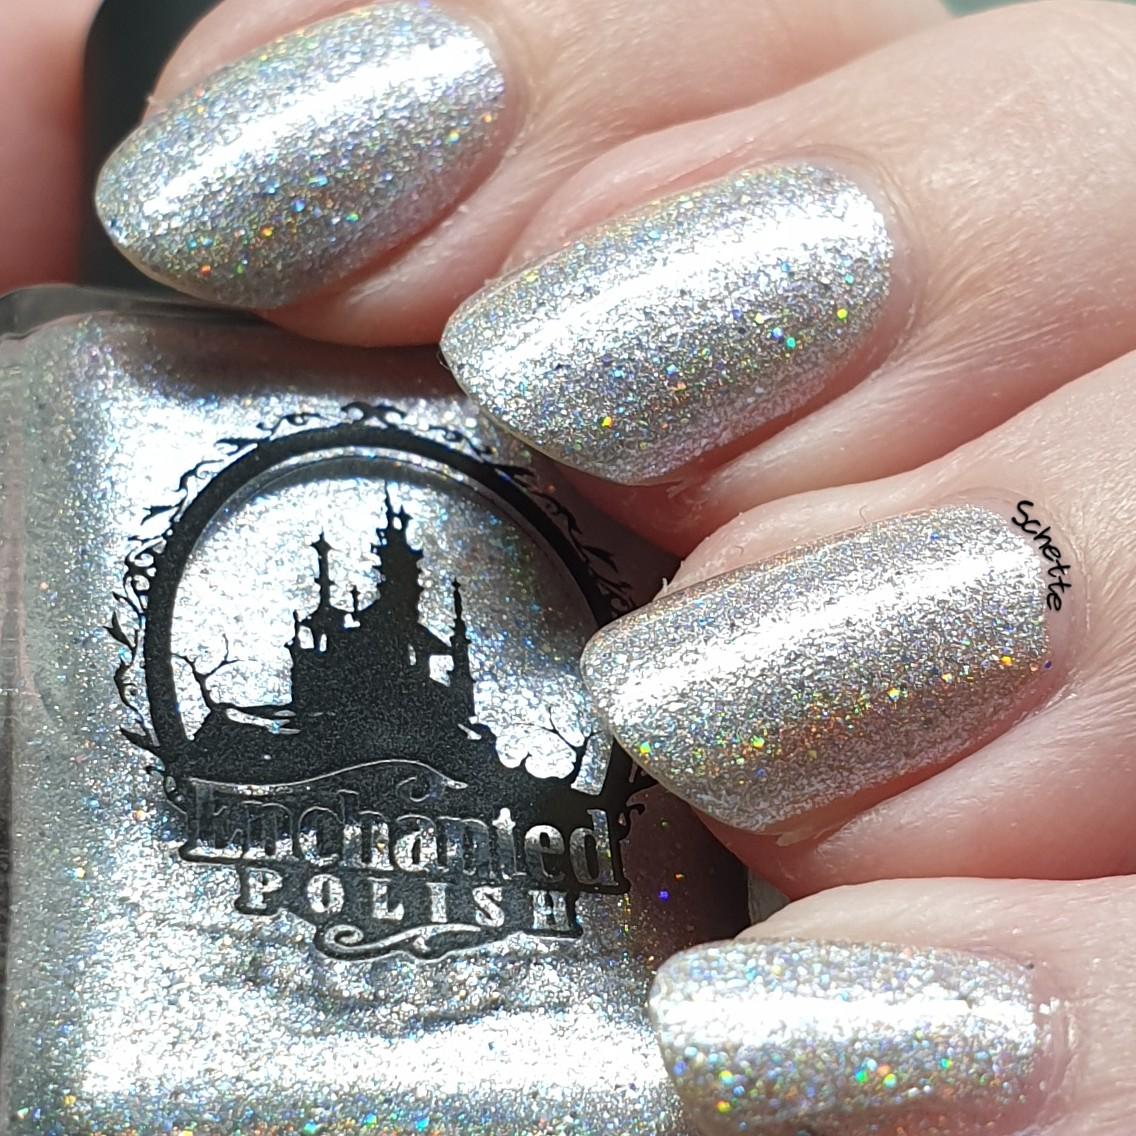 Enchanted Polish - Ice